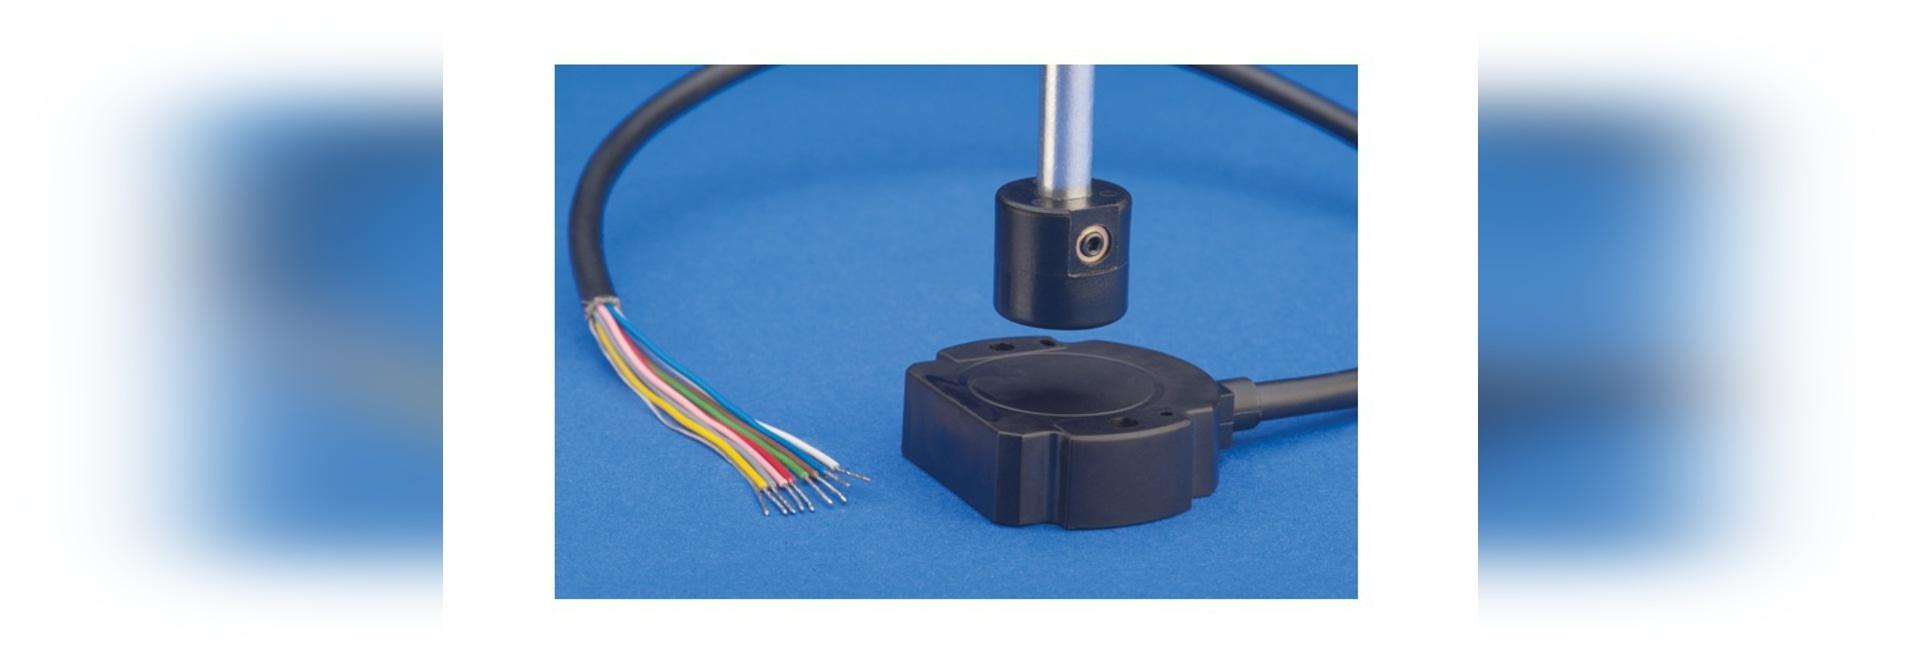 Capteurs d'angle de Touchless pour des positions angulaires de mesure